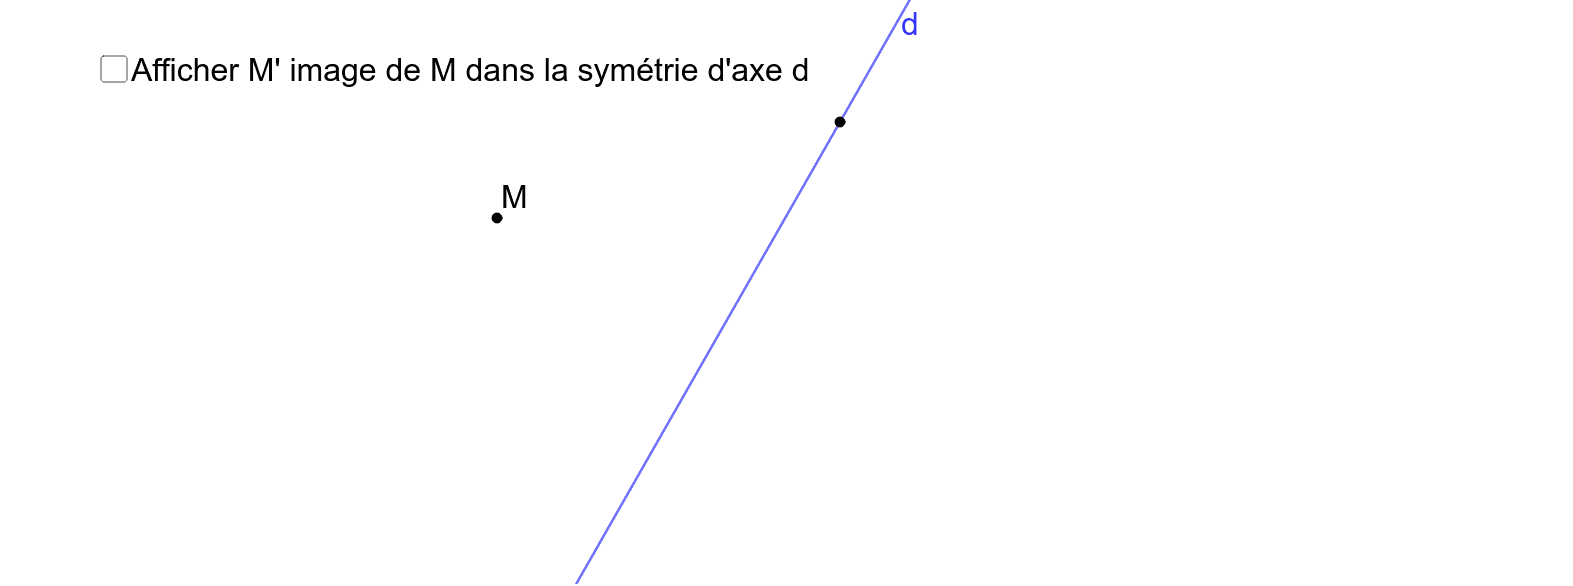 Image d'un point par une symétrie axiale